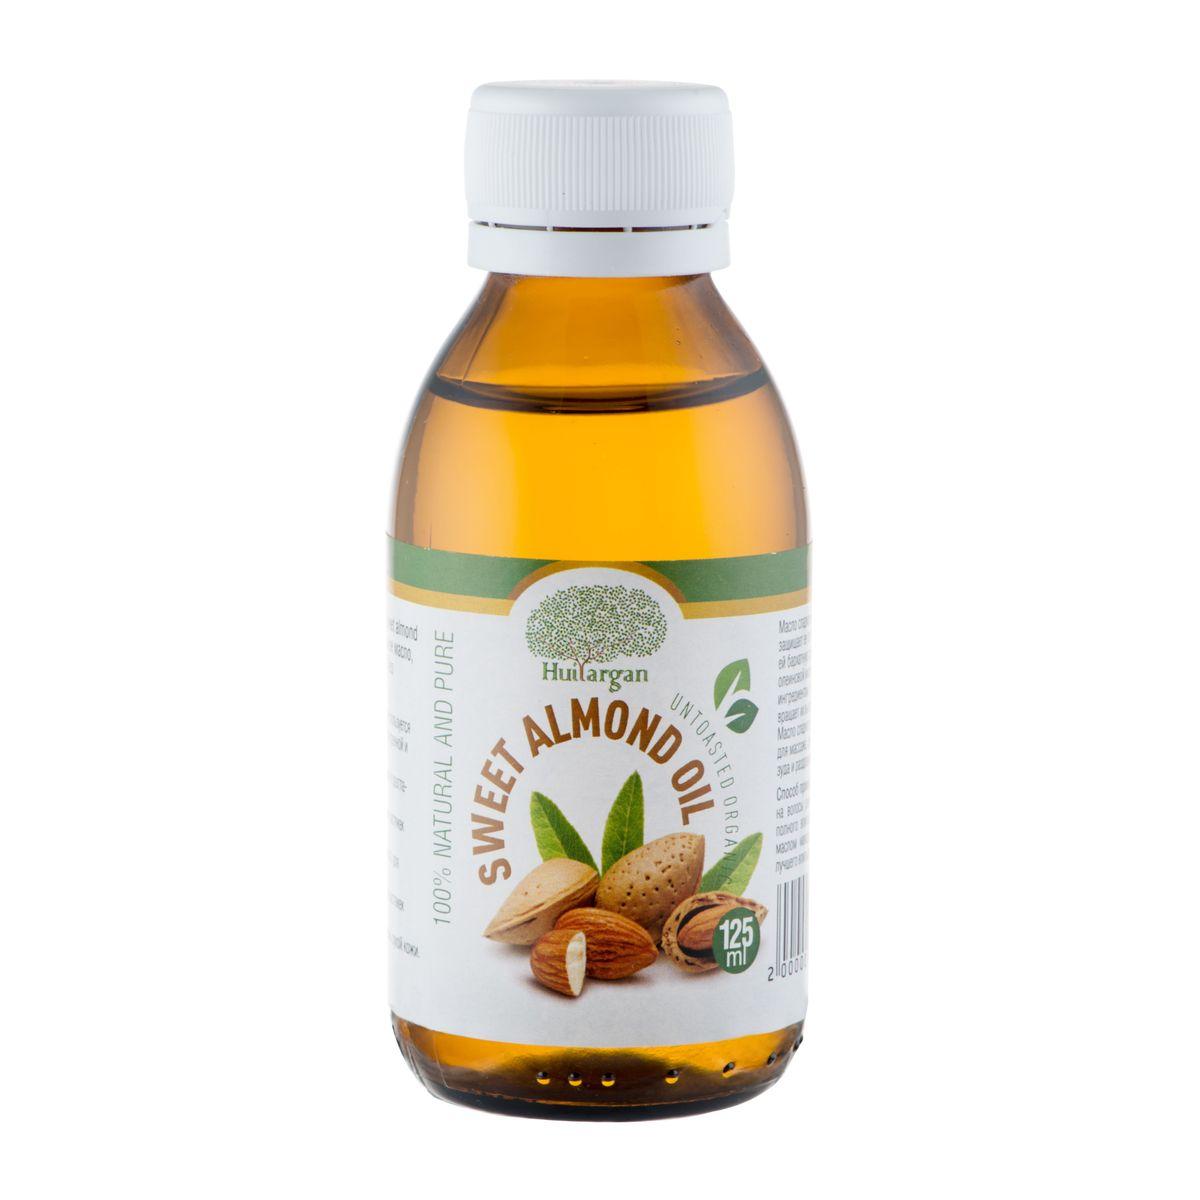 Huilargan Масло сладкого миндаля, 100% натуральное, 125 мл2000000008653Масло сладкого миндаля (Sweet almond oil) - 100% чистое, натуральное масло, первого холодного отжима, без химической обработки. - Масло сладкого миндаля широко используется для успокоения раздраженной, обветренной и сухой кожи. - Восстанавливает эластичность кожи и разглаживает эпидермис. - Это эффективное средство против растяжек на груди и трещин на коже рук. - Гипоаллергенно, можно использовать для чувствительной кожи вокруг глаз. - Это эффективное средство против растяжек на груди и трещин на коже рук. - Особенно подходит для сухой и очень сухой кожи. Масло сладкого миндаля смягчает кожу и защищает ее от повышенной сухости, придавая ей бархатную структуру, благодаря содержанию олеиновой кислоты и смягчающим активным ингредиентам. Ускоряет рост волос и предотвращает их выпадение. Масло сладкого миндаля используется также для массажа, для успокоения кожи и снятия зуда и раздражения.